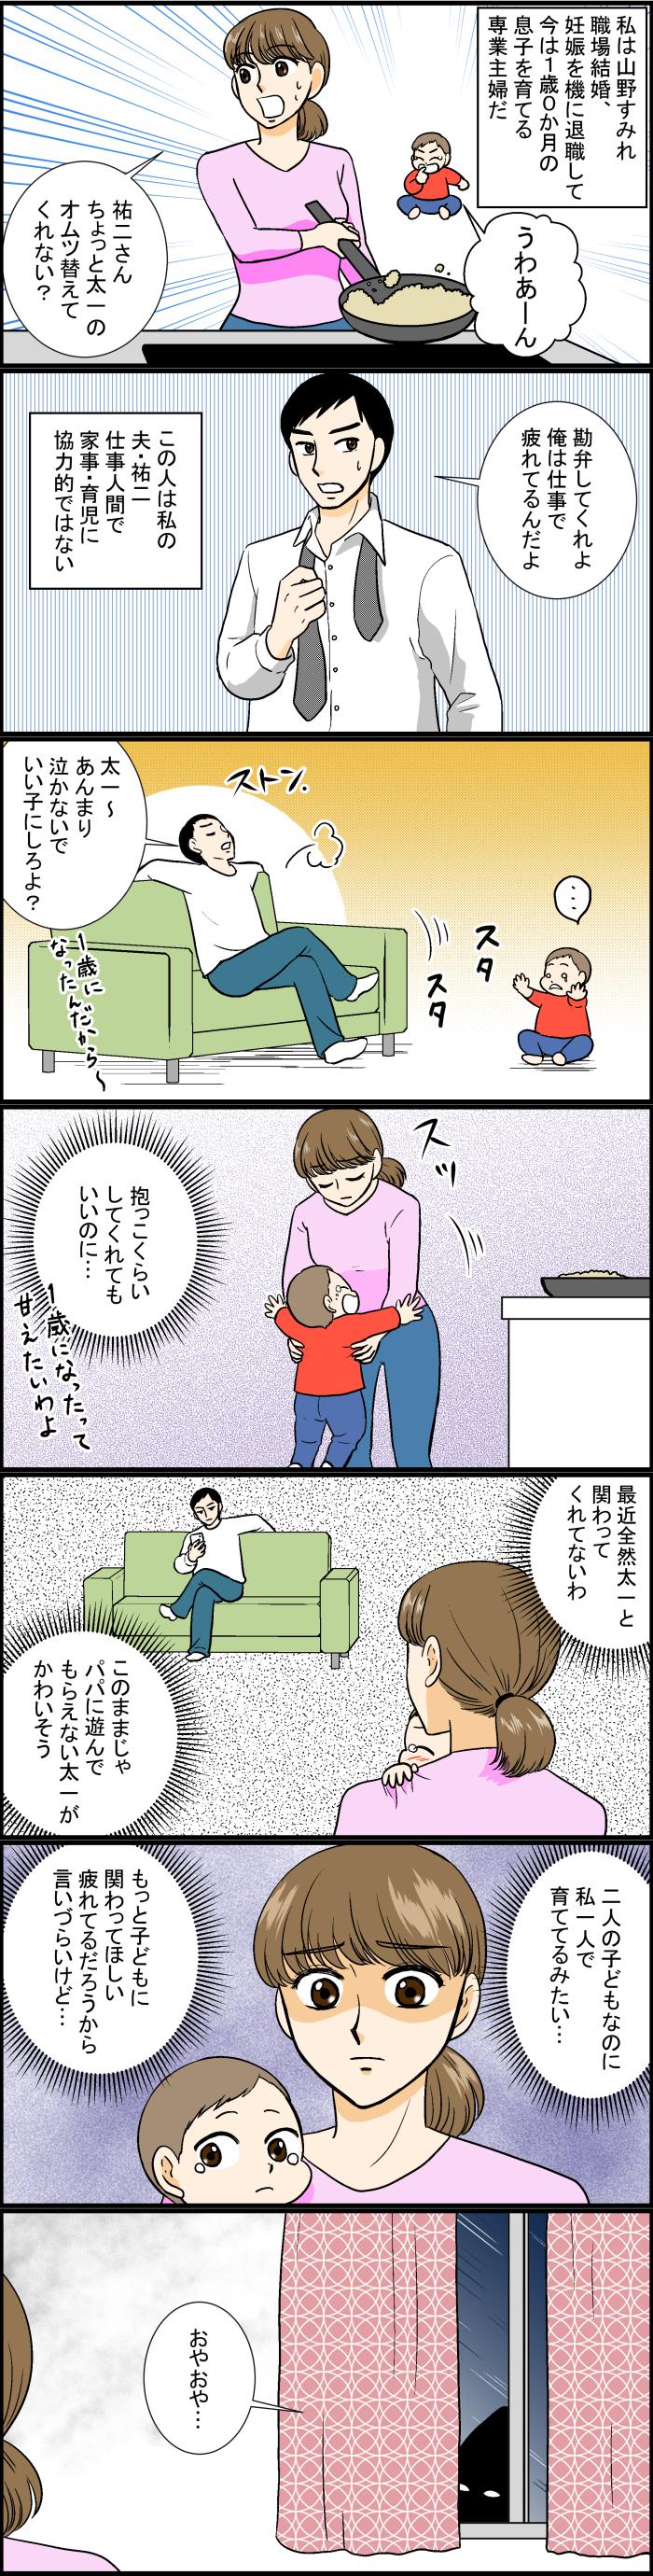 「俺は疲れてるんだ!寝かせてくれよ」育児に非協力的な夫と、直接反論できない妻の画像1